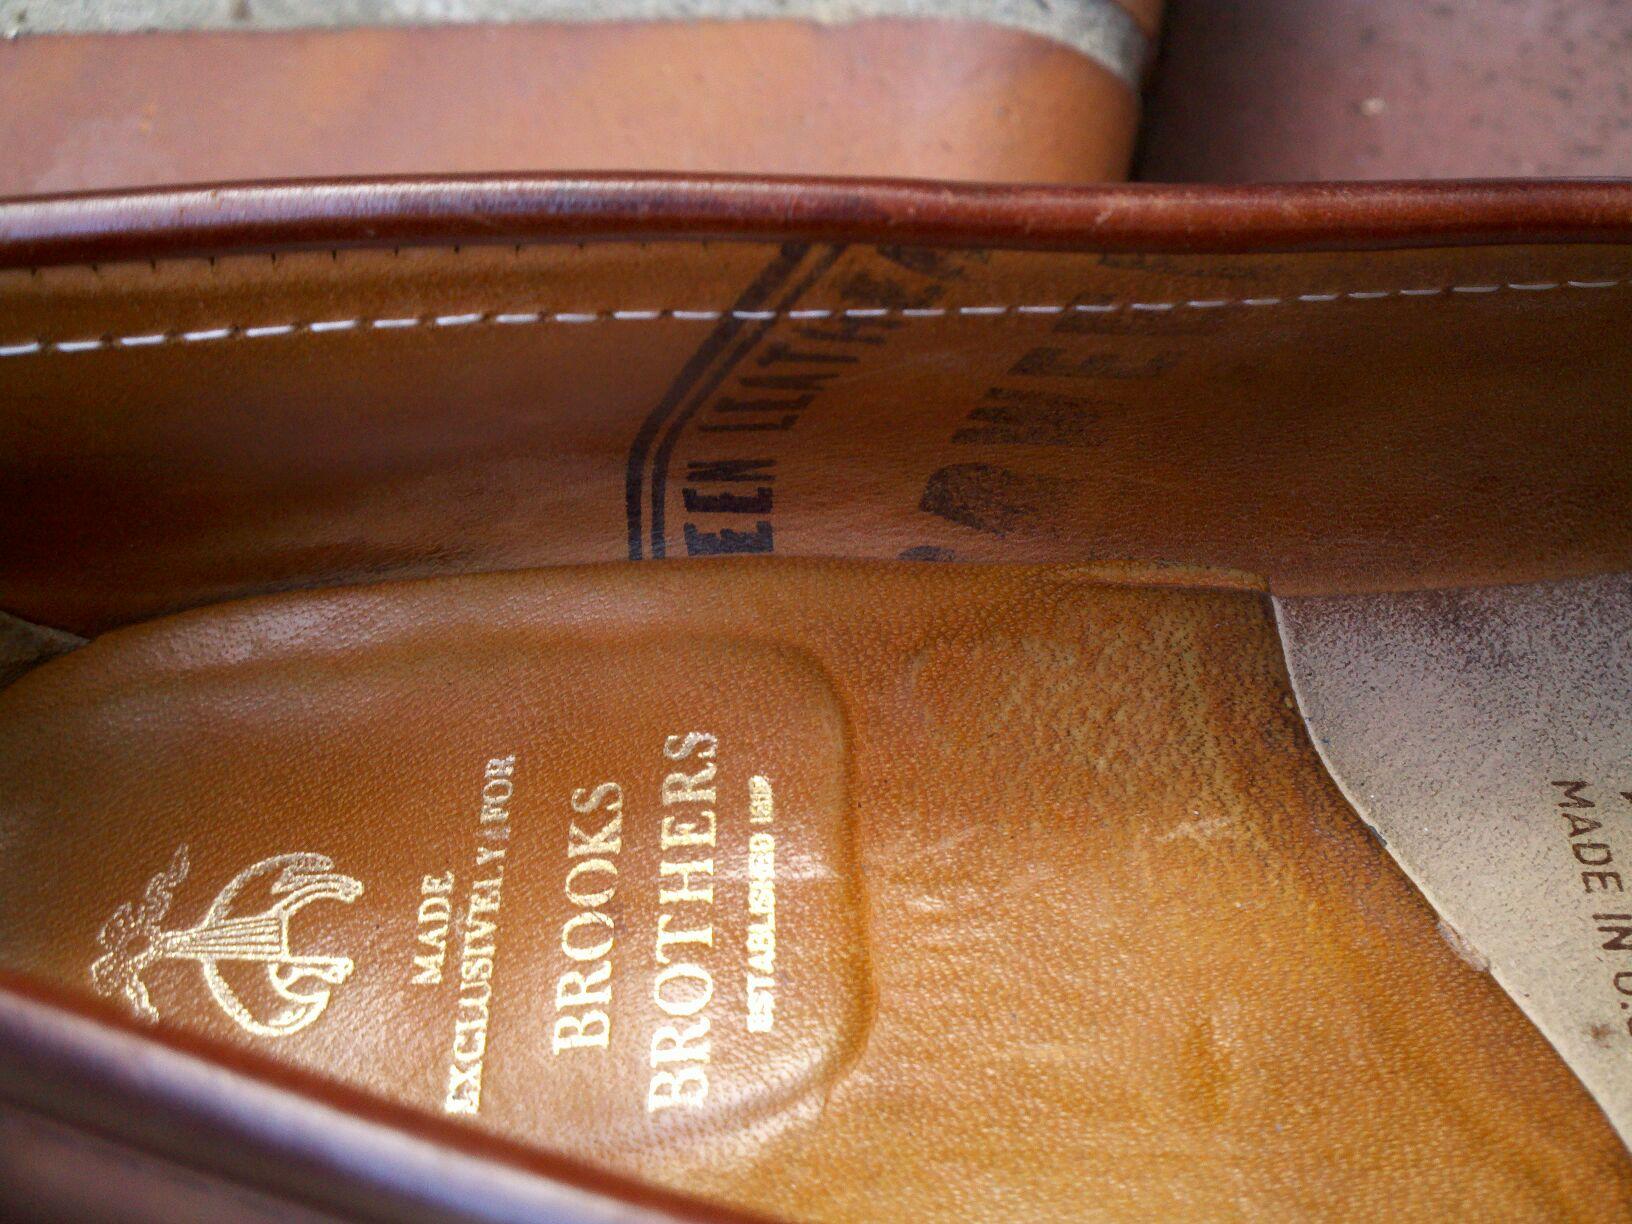 Resampled_2012-05-18_07-29-55_208.jpg